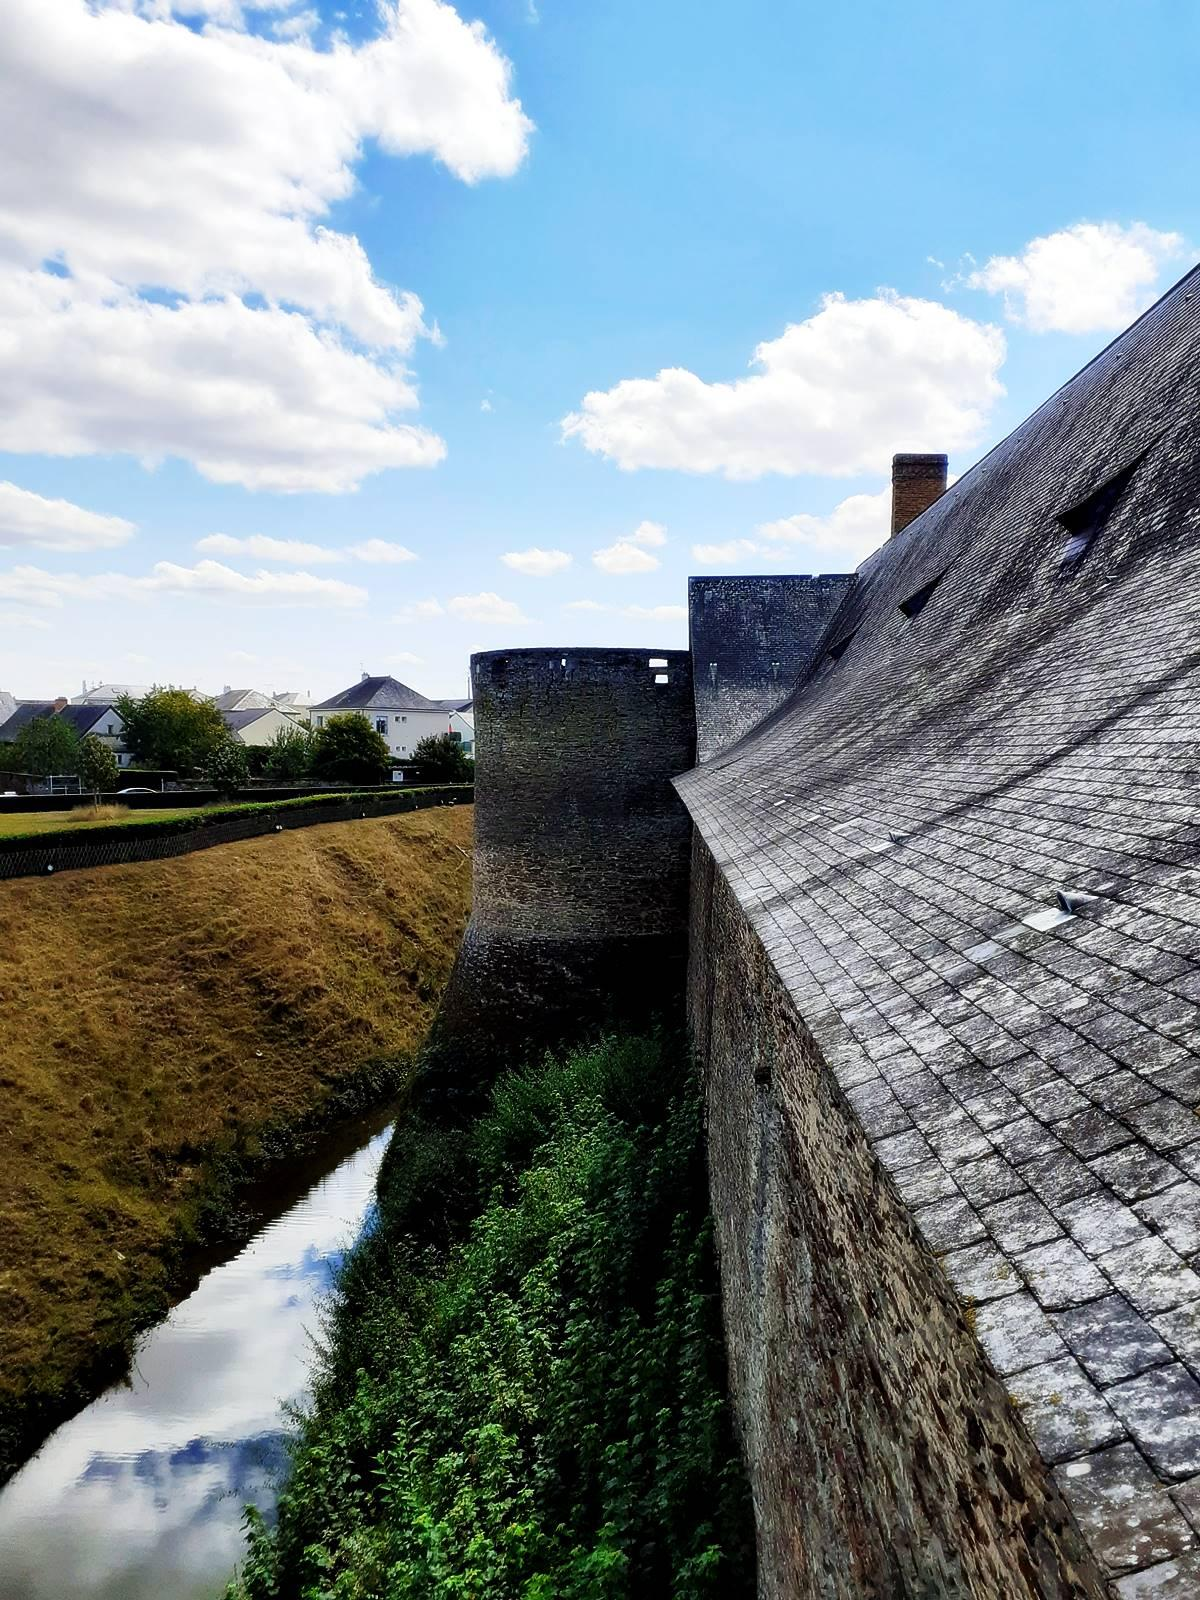 Chateau plessis mace maine loire gratuit20200801 202748